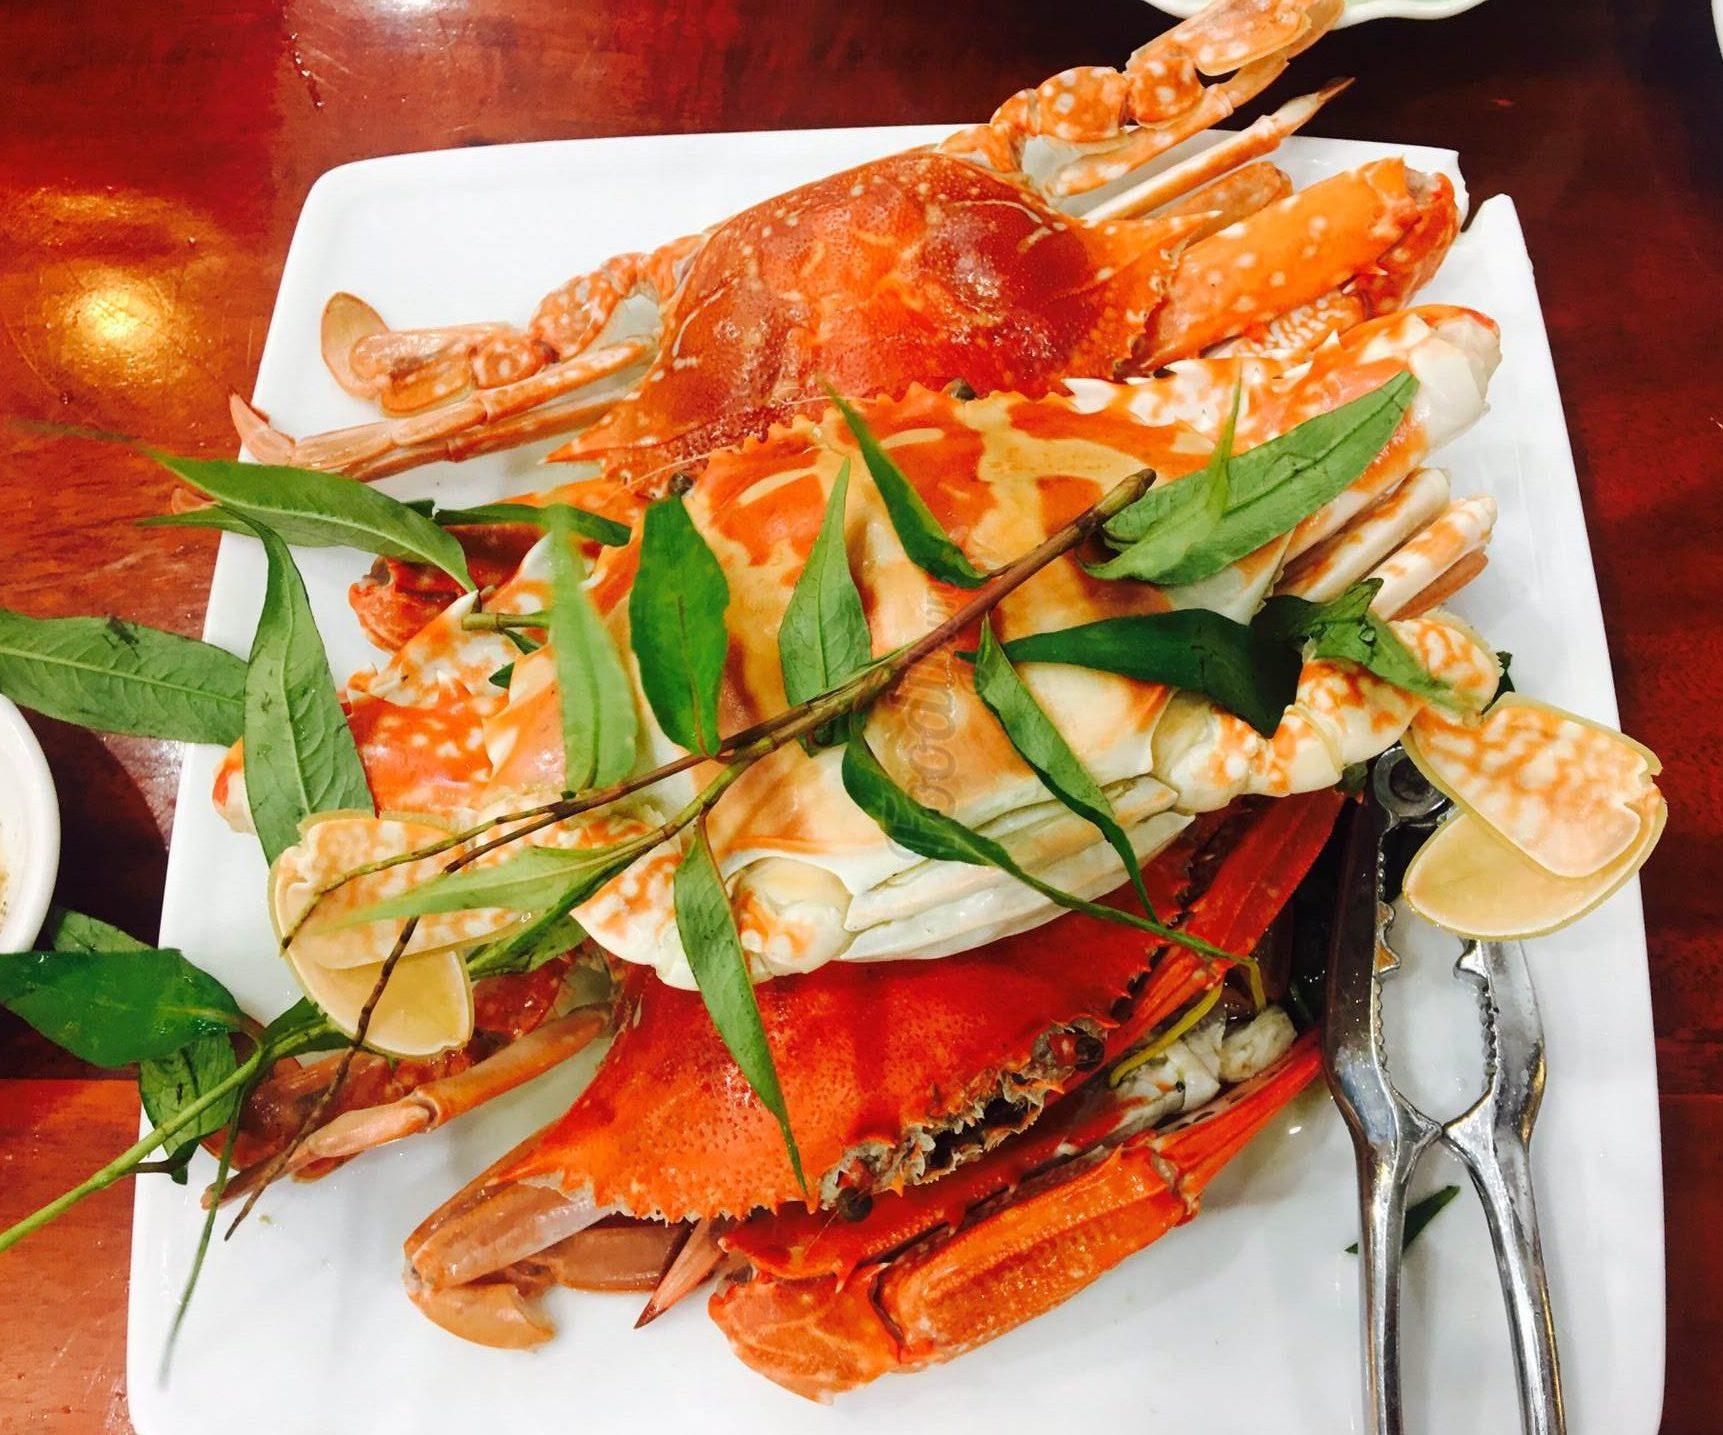 Đến với nhà hàng Ra Khơi bạn tha hồ thưởng thức những món ngon hải sản - Nguồn ảnh: Internet